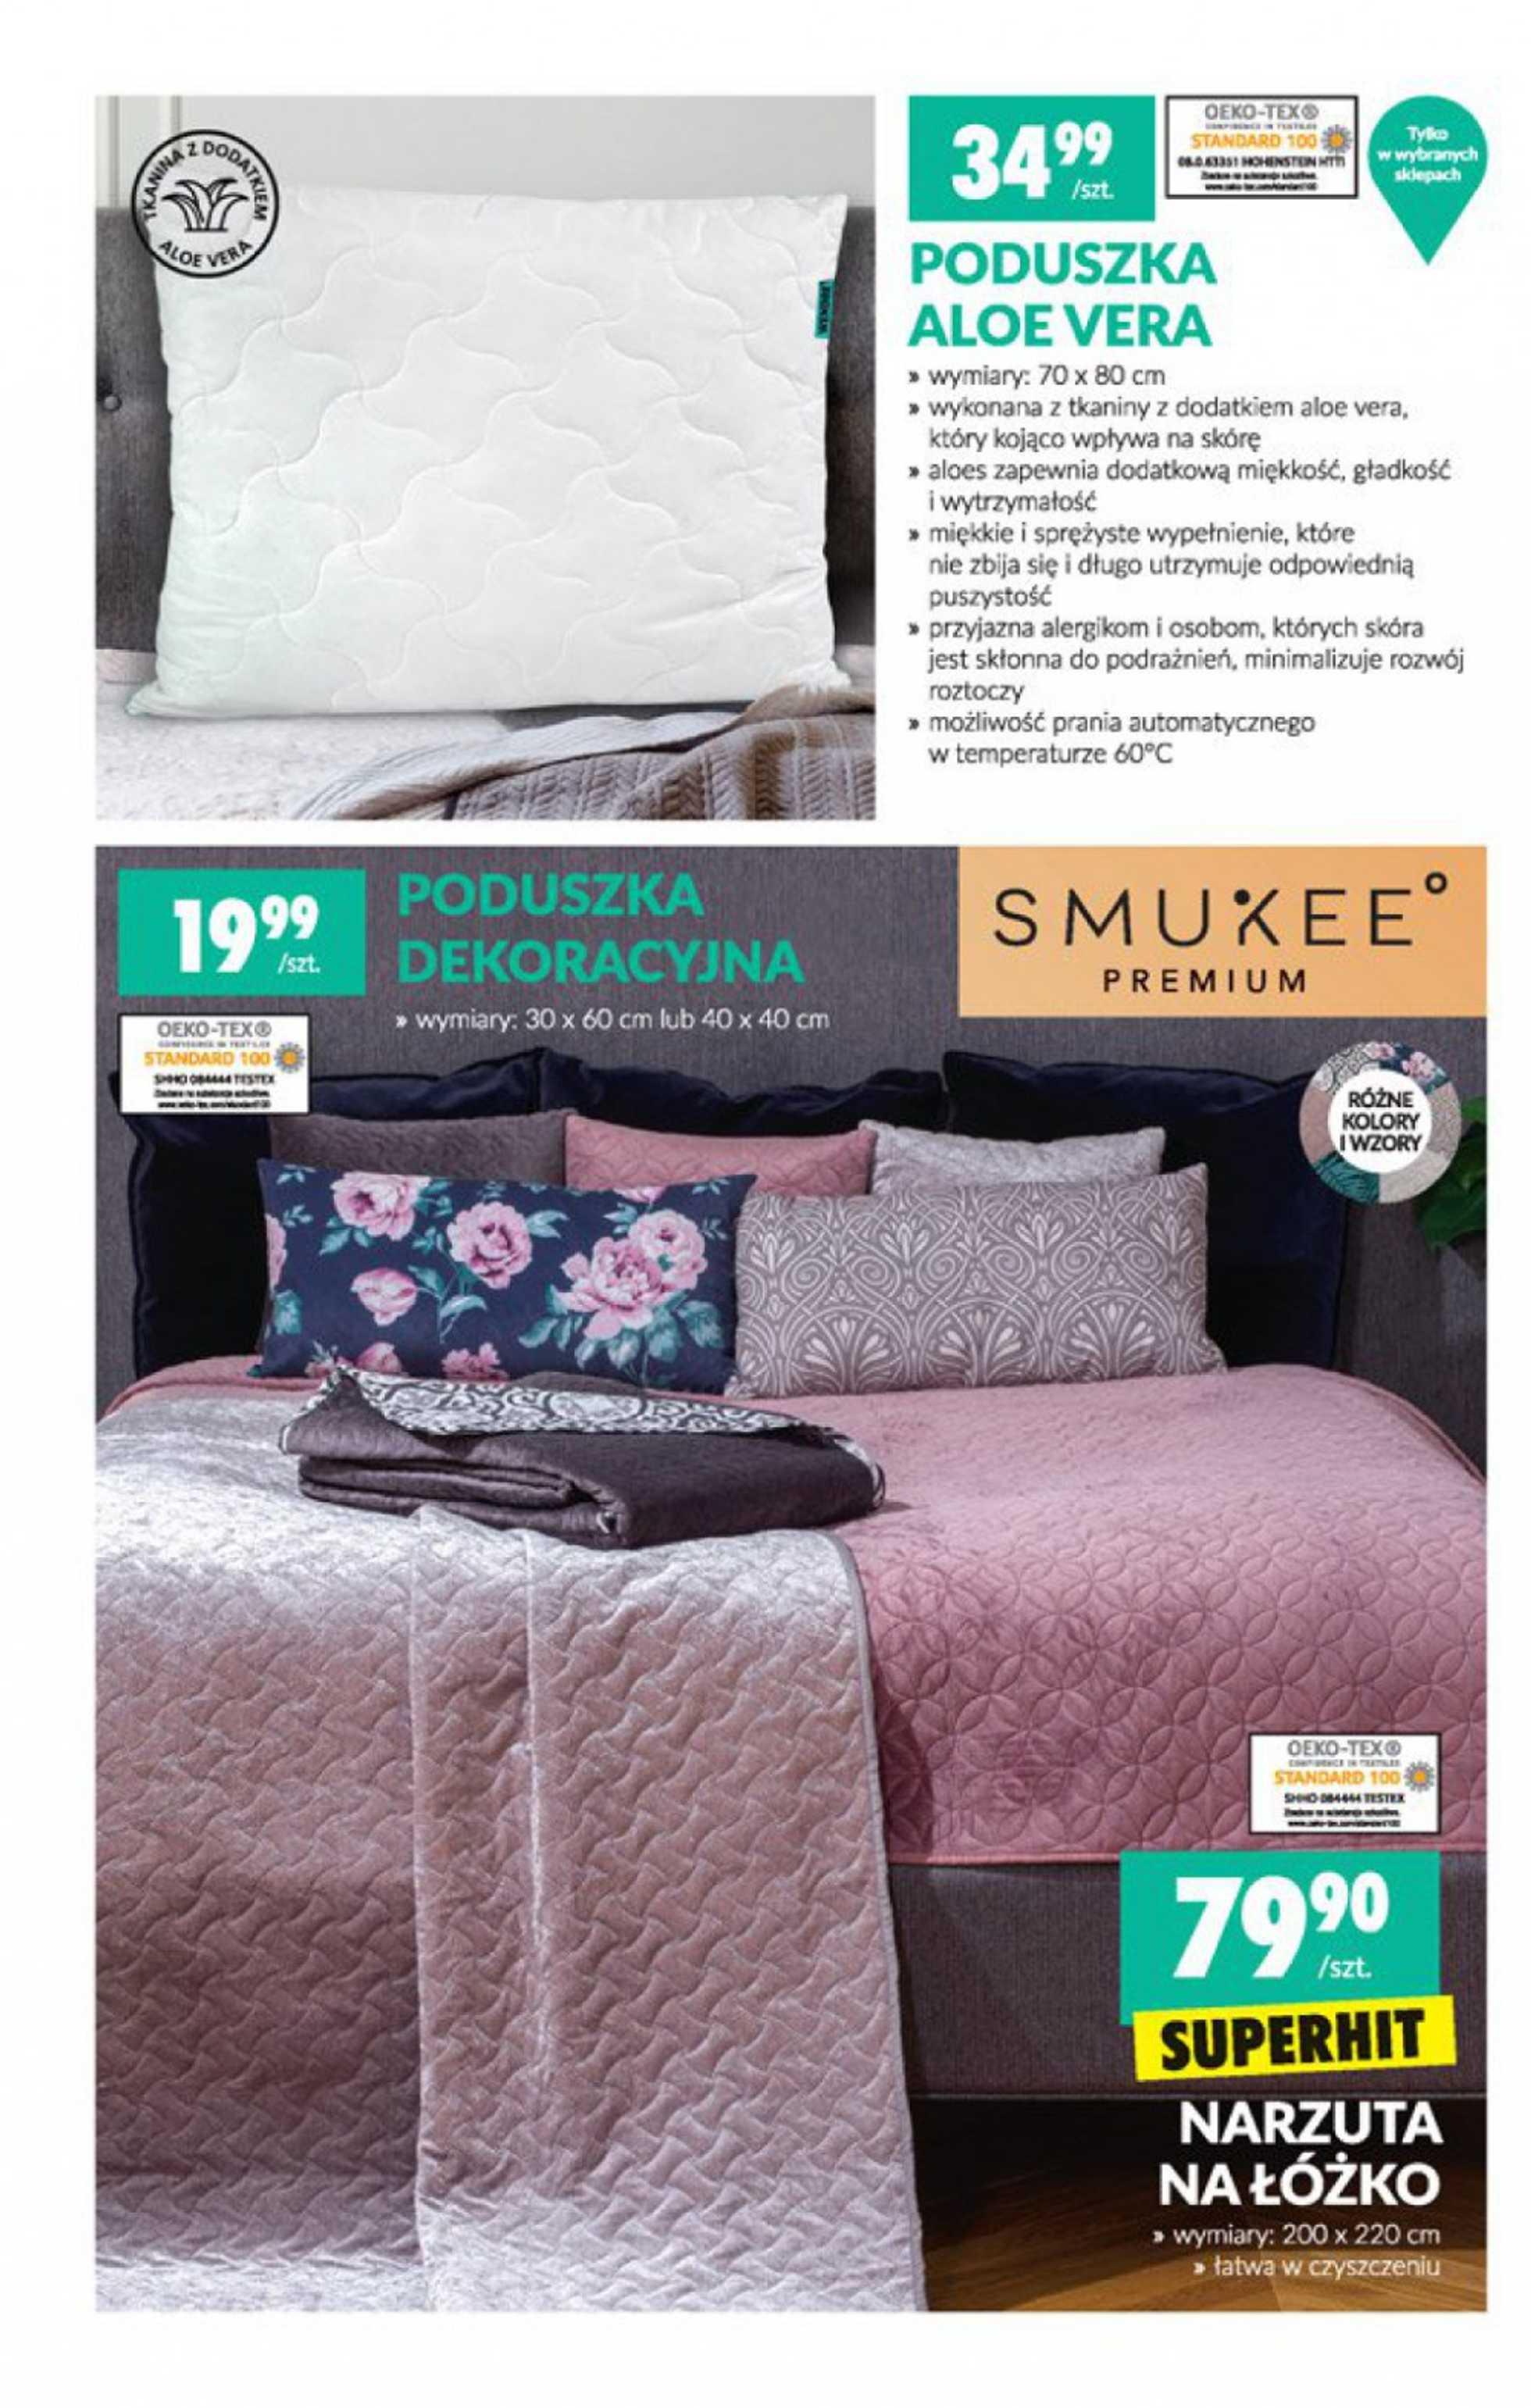 Biedronka - gazetka promocyjna ważna od 09.12.2019 do 22.12.2019 - strona 4.